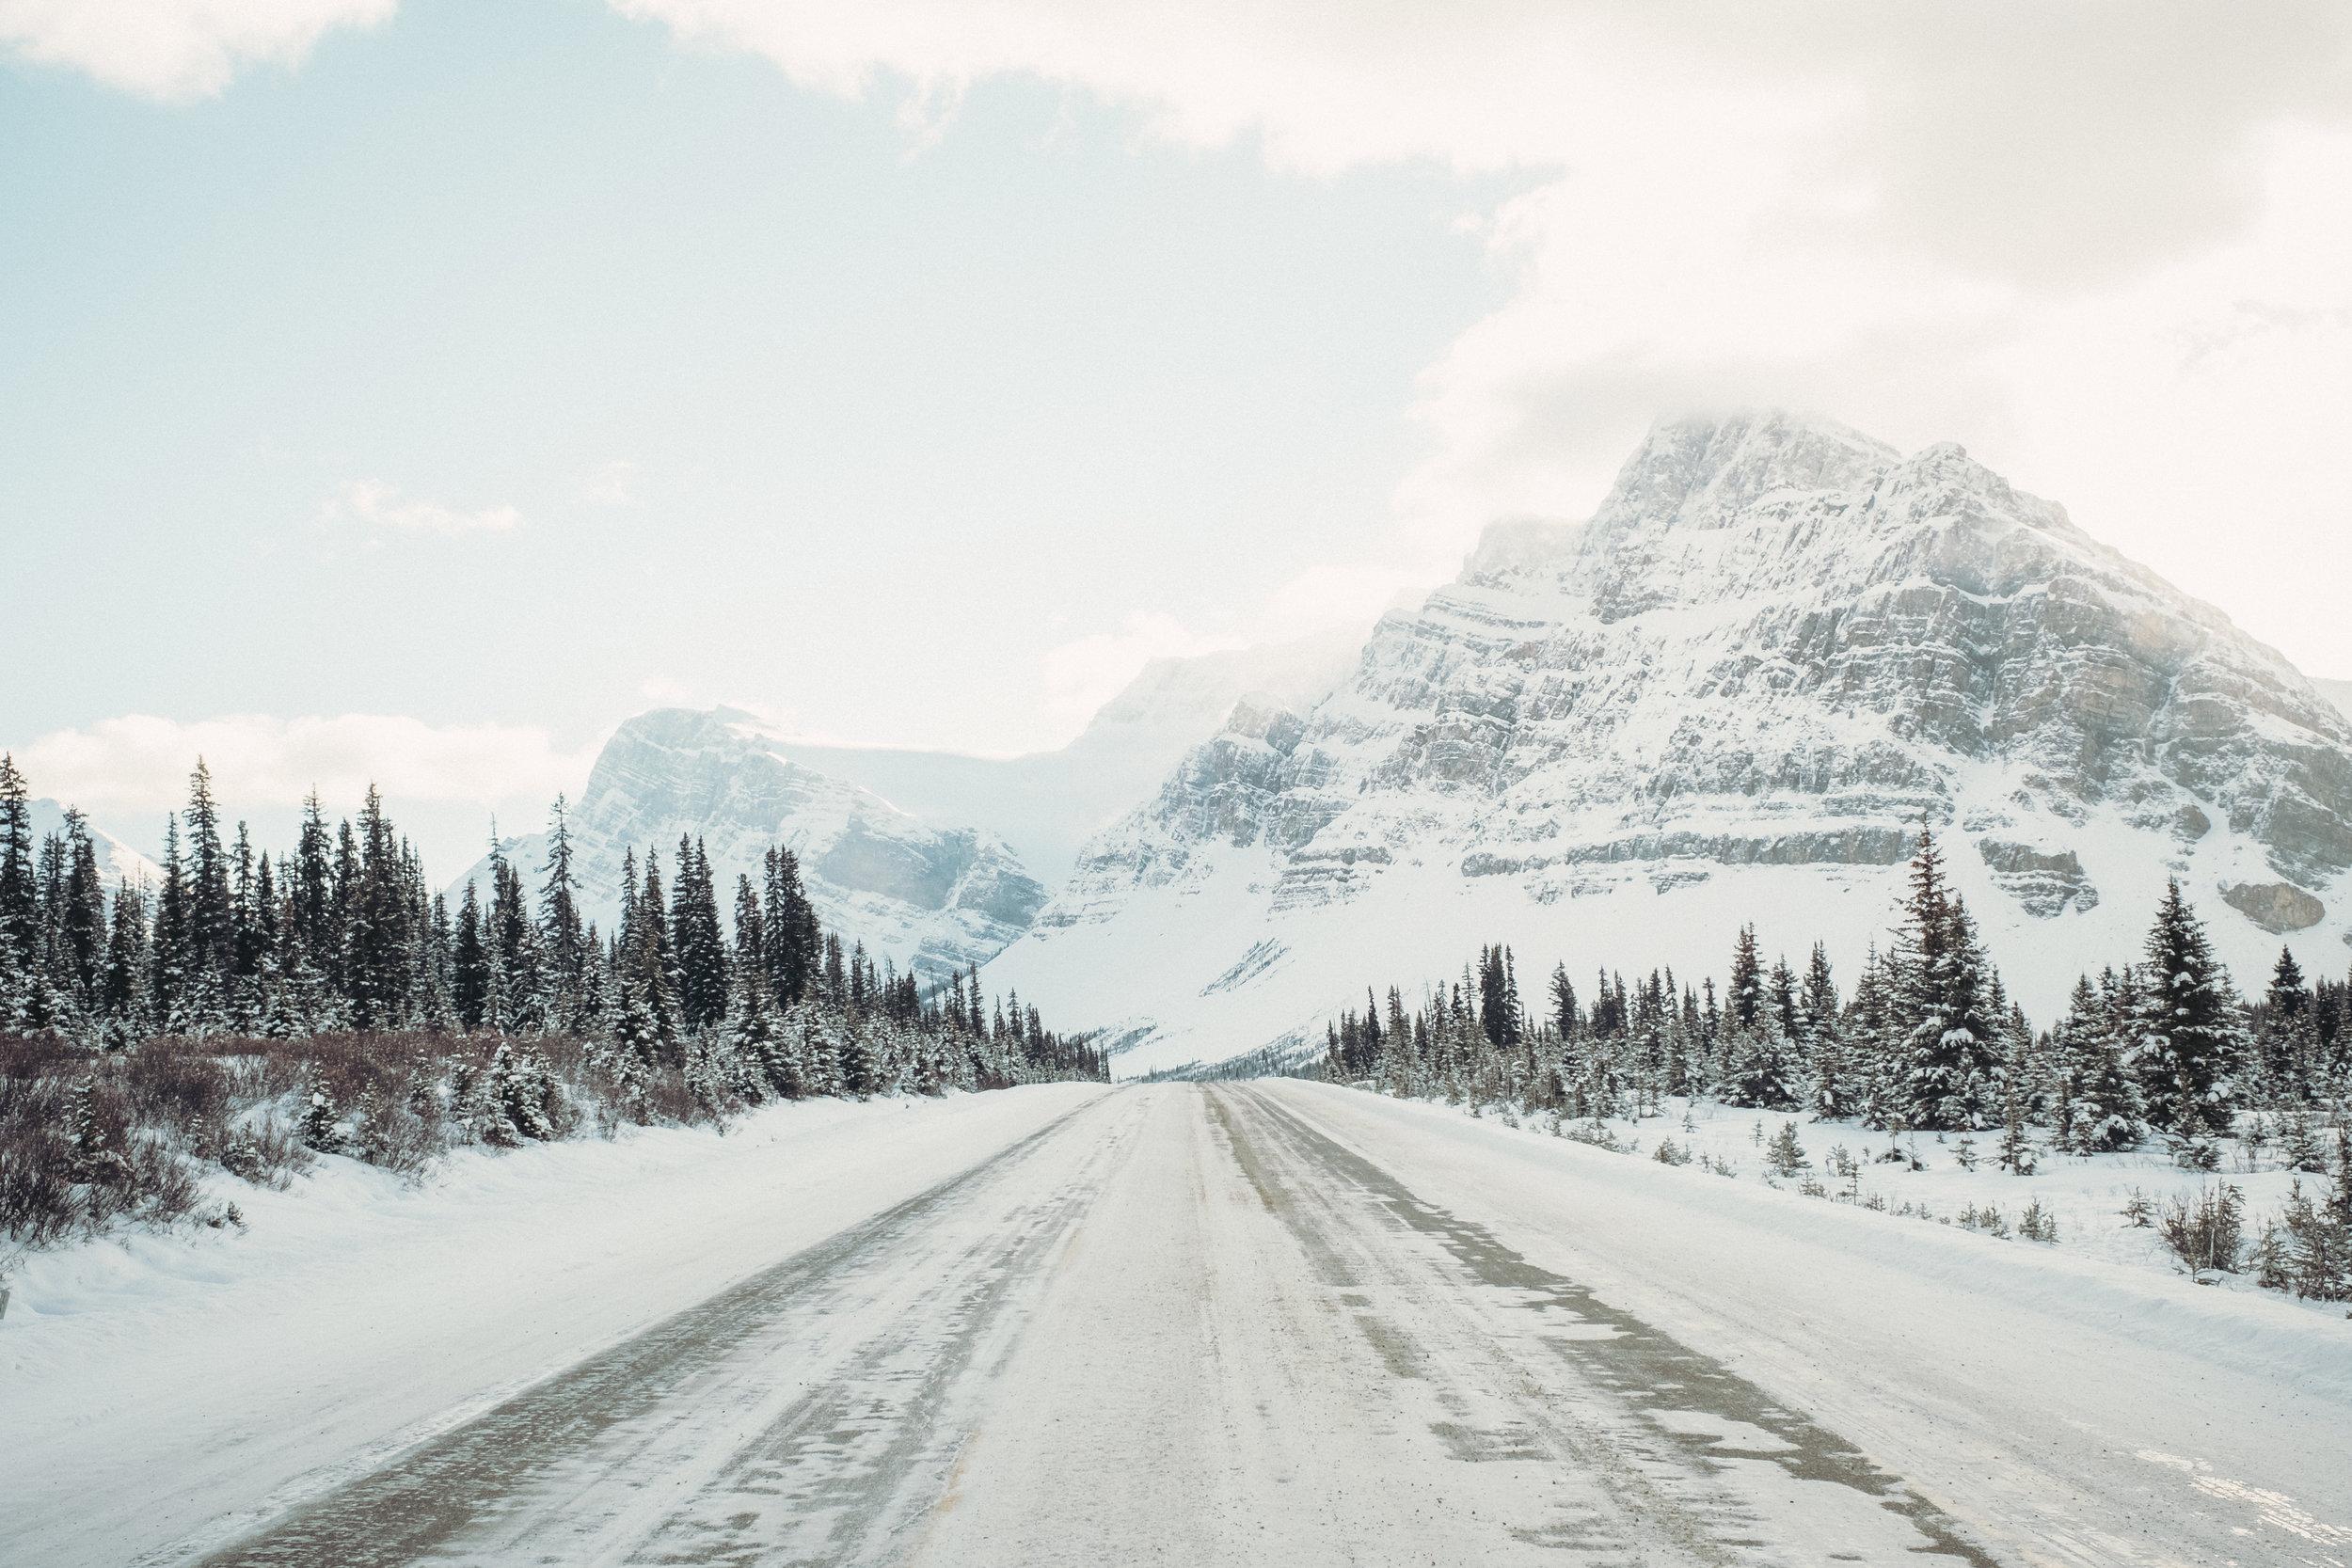 Banff_Canada-45.jpg